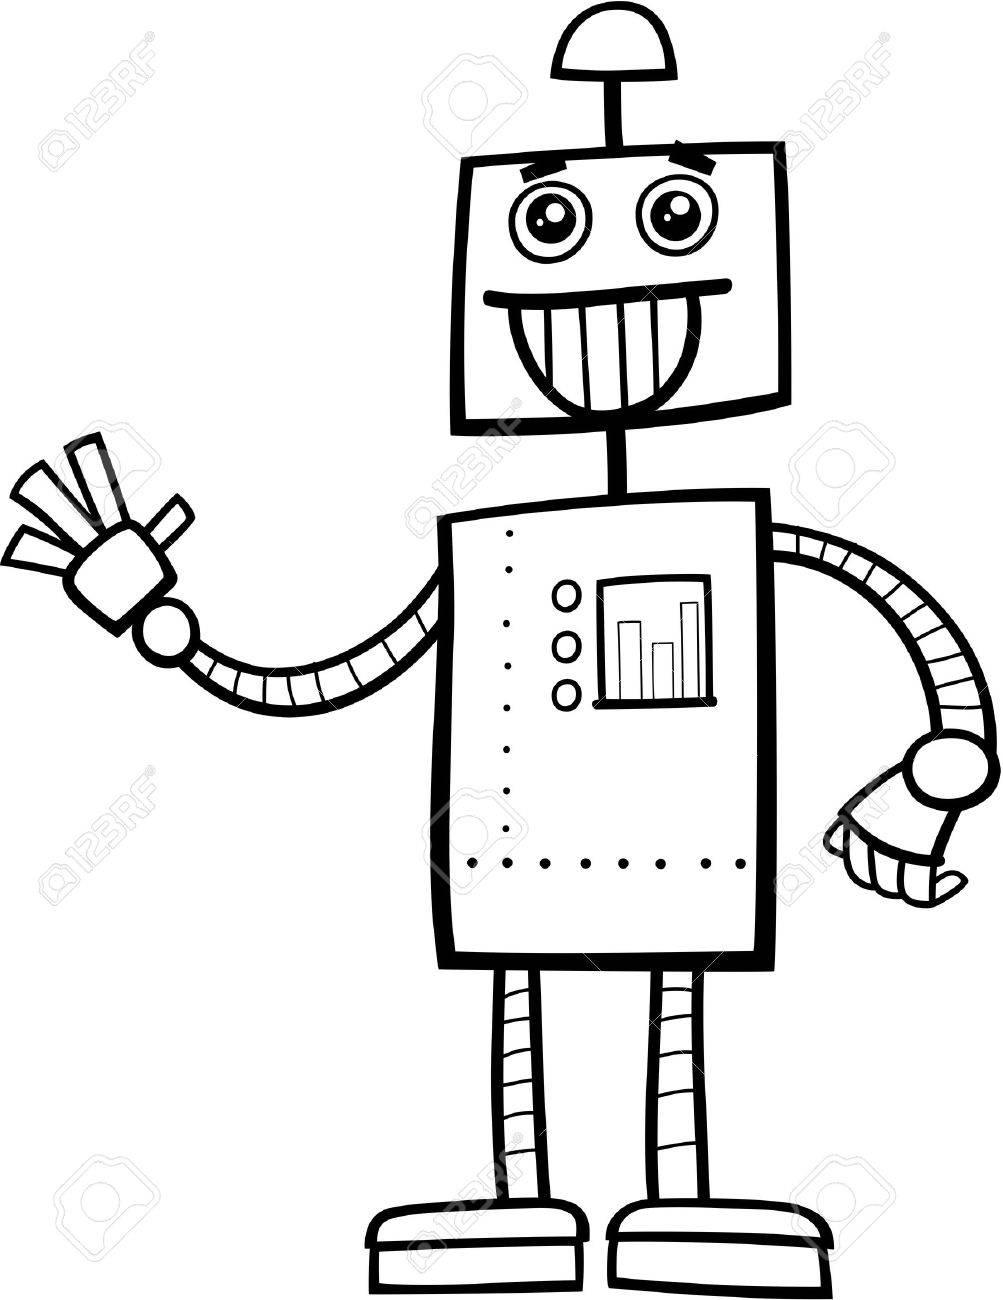 面白いロボット ファンタジー キャラクター塗り絵の黒と白の漫画イラスト